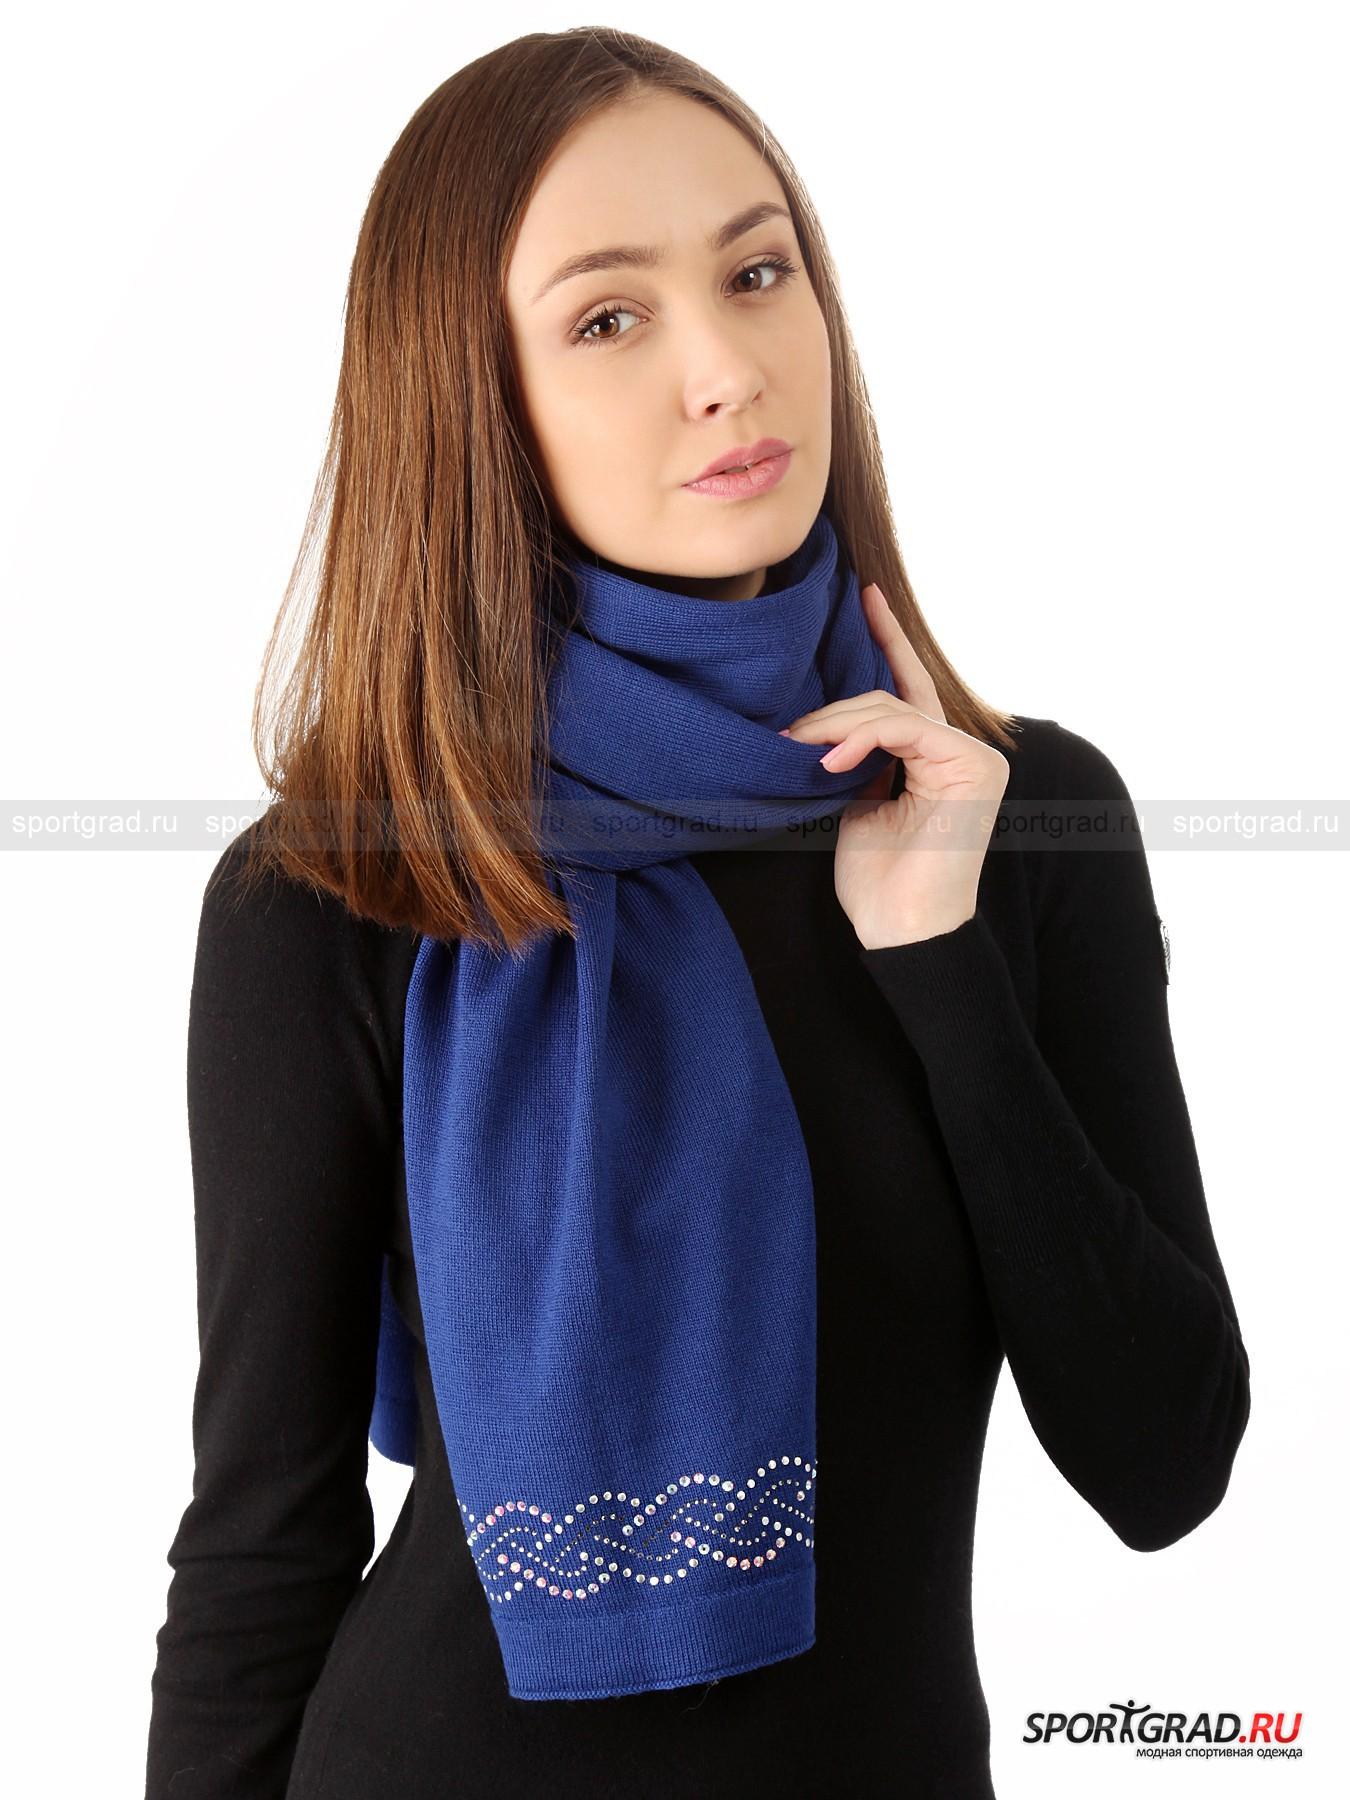 Шарф женский широкий LISA GROBL из мериносовой шерстиШарфы, Кашне<br>Широкий женский шарф LISA GROBL из тонкой упругой шерсти – приятная на ощупь защита горла от холода и послушно драпирующийся на шее аксессуар, узкие концы которого украшены аппликацией из кристаллов Сваровски.<br><br>Благодаря своим гипоаллергенным свойствам изделие не вызывает раздражений на коже, но при этом улучшает кровообращение, а, значит, в такой модели Вам будет тепло и уютно на холоде. <br><br>Ширина изделия ок. 57 см, длина 172 см.<br><br>Пол: Женский<br>Возраст: Взрослый<br>Тип: Шарфы, Кашне<br>Рекомендации по уходу: Изделию показана глажка при температуре, не превышающей 110°, и химчистка. Запрещены стирка, глажка, отбеливание и сушка в стиральной машине или электросушилке для белья.<br>Состав: 100% мериносовая шерсть